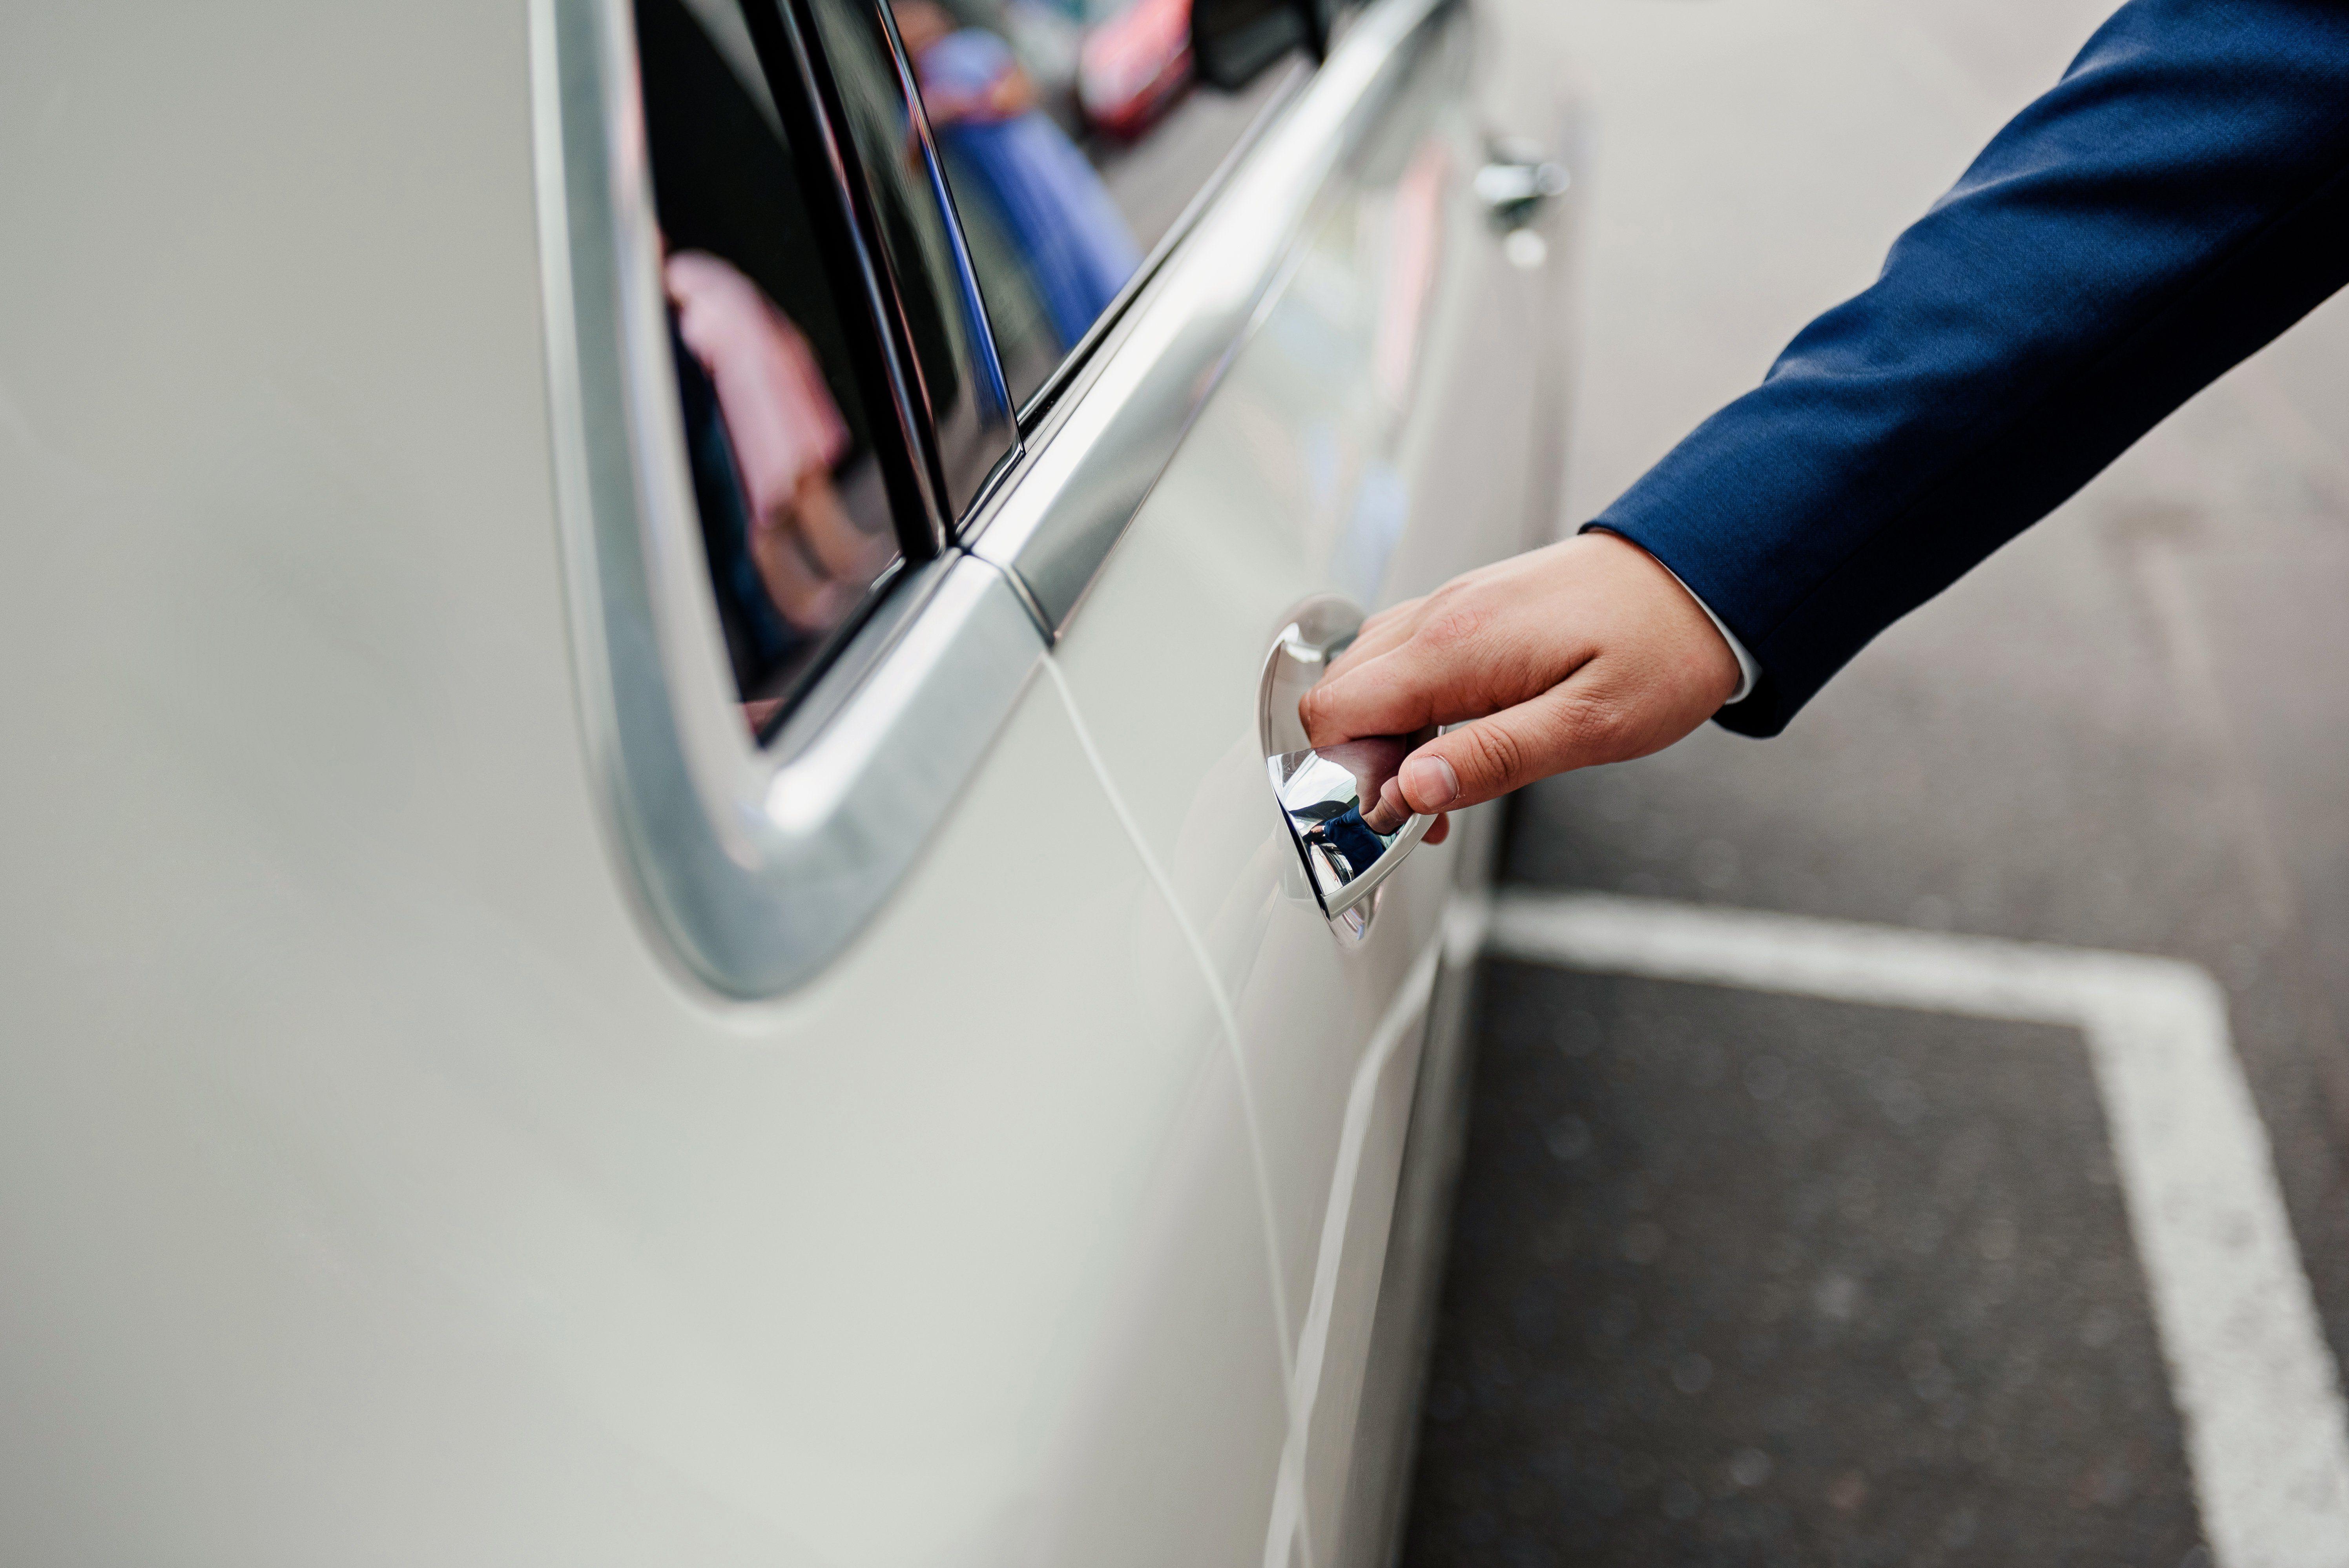 The groom opens the car door